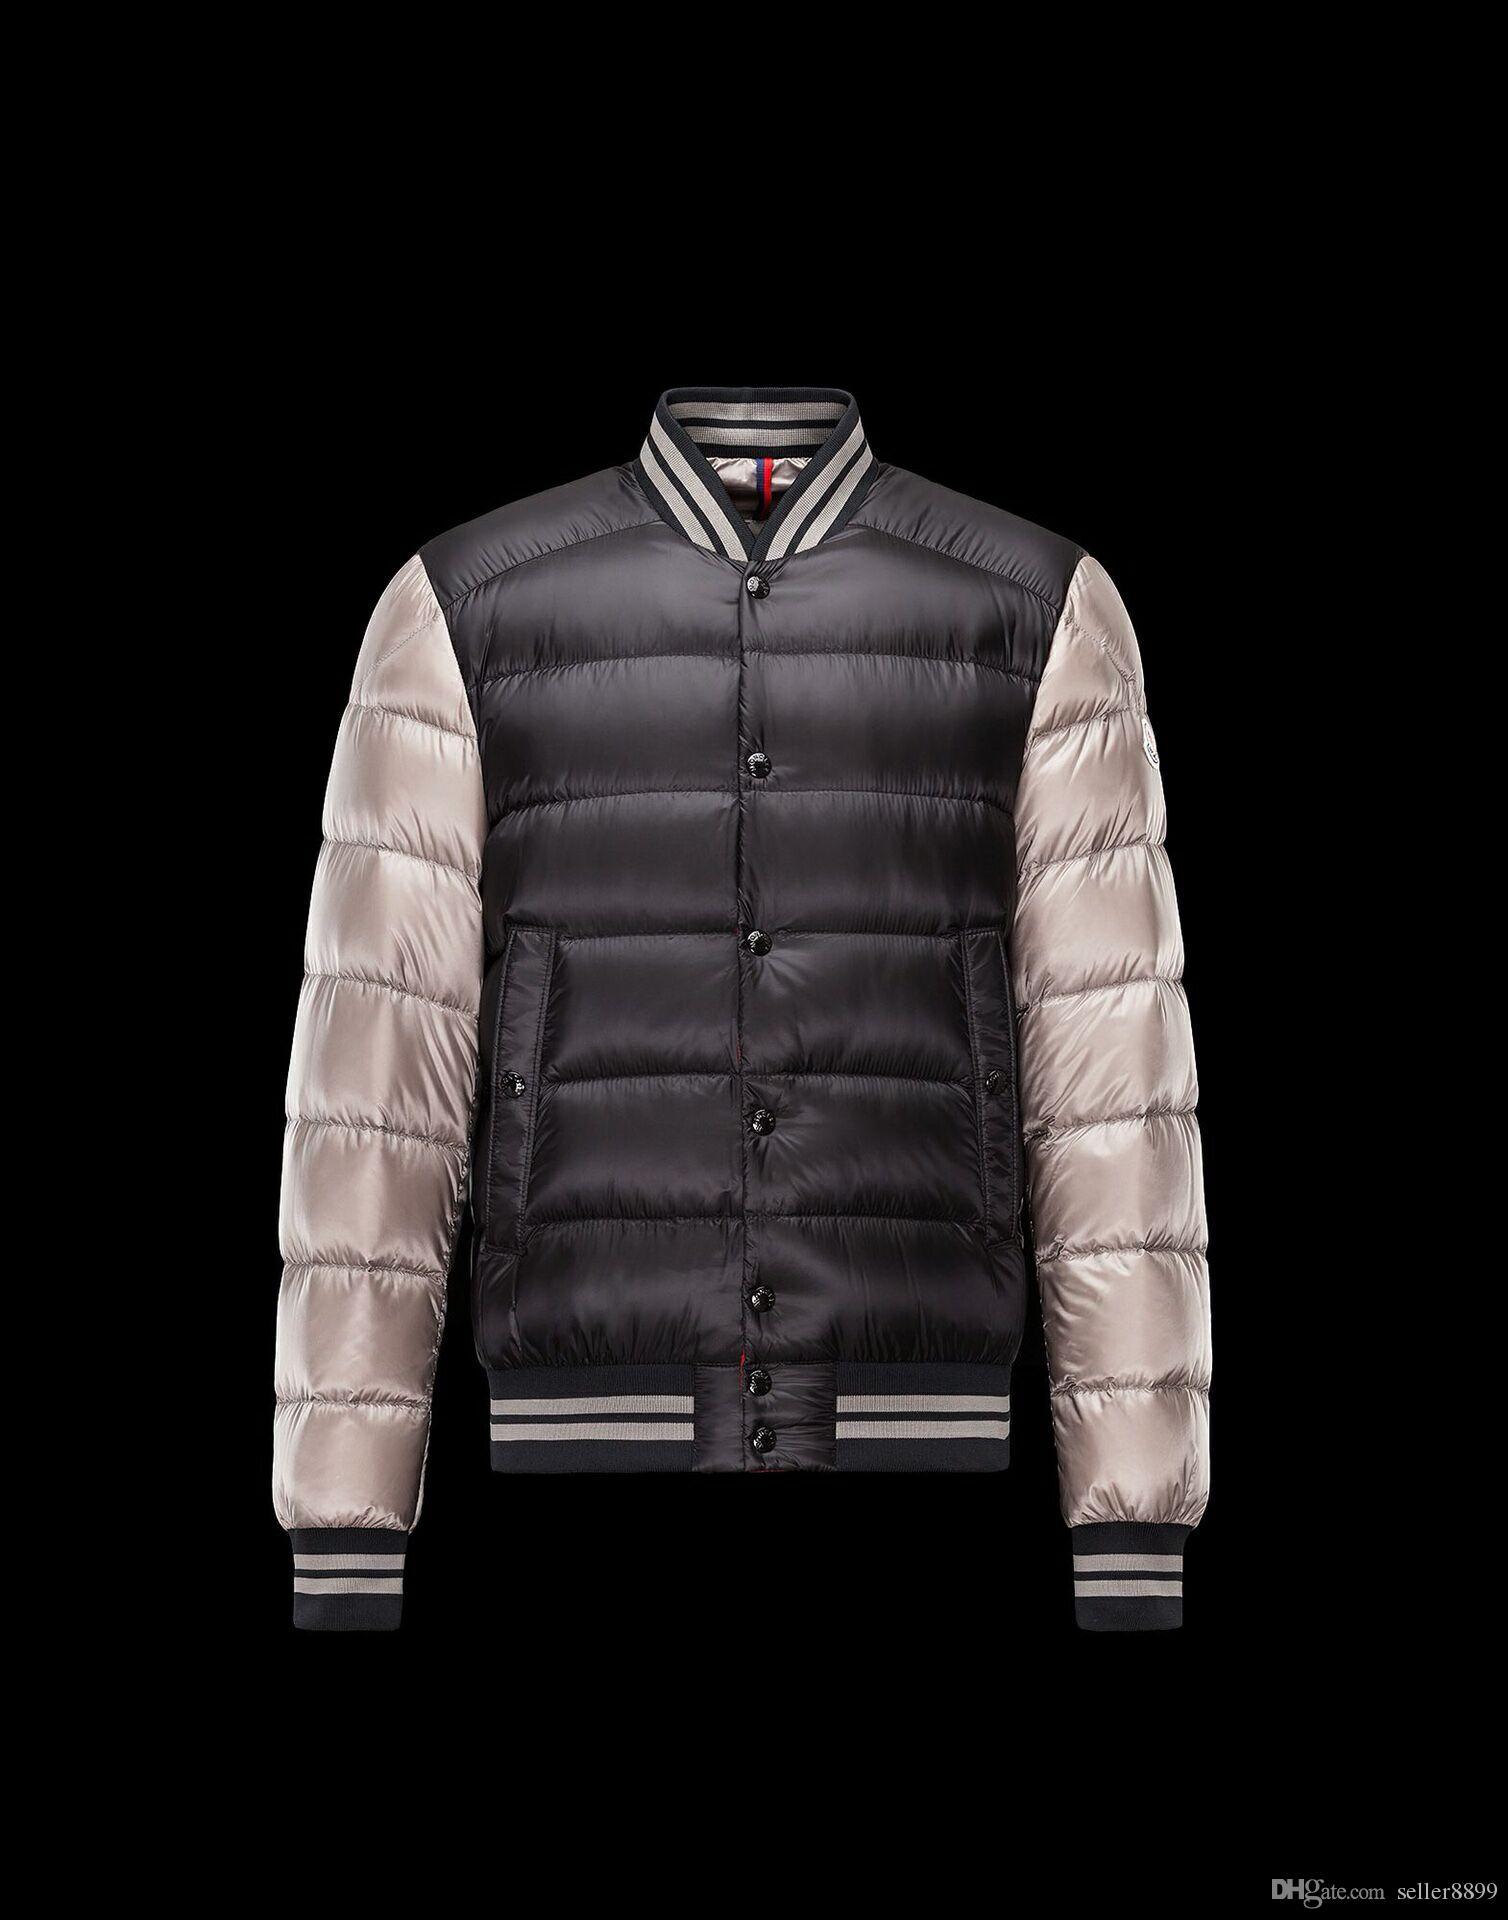 6d16c00a61d8 2019 2018 Brand M Men Down Jacket Luxury Designers Lightweight Duck Mens  Down Coats 90% Winter Warm Clothes Short Outwear From Seller8899